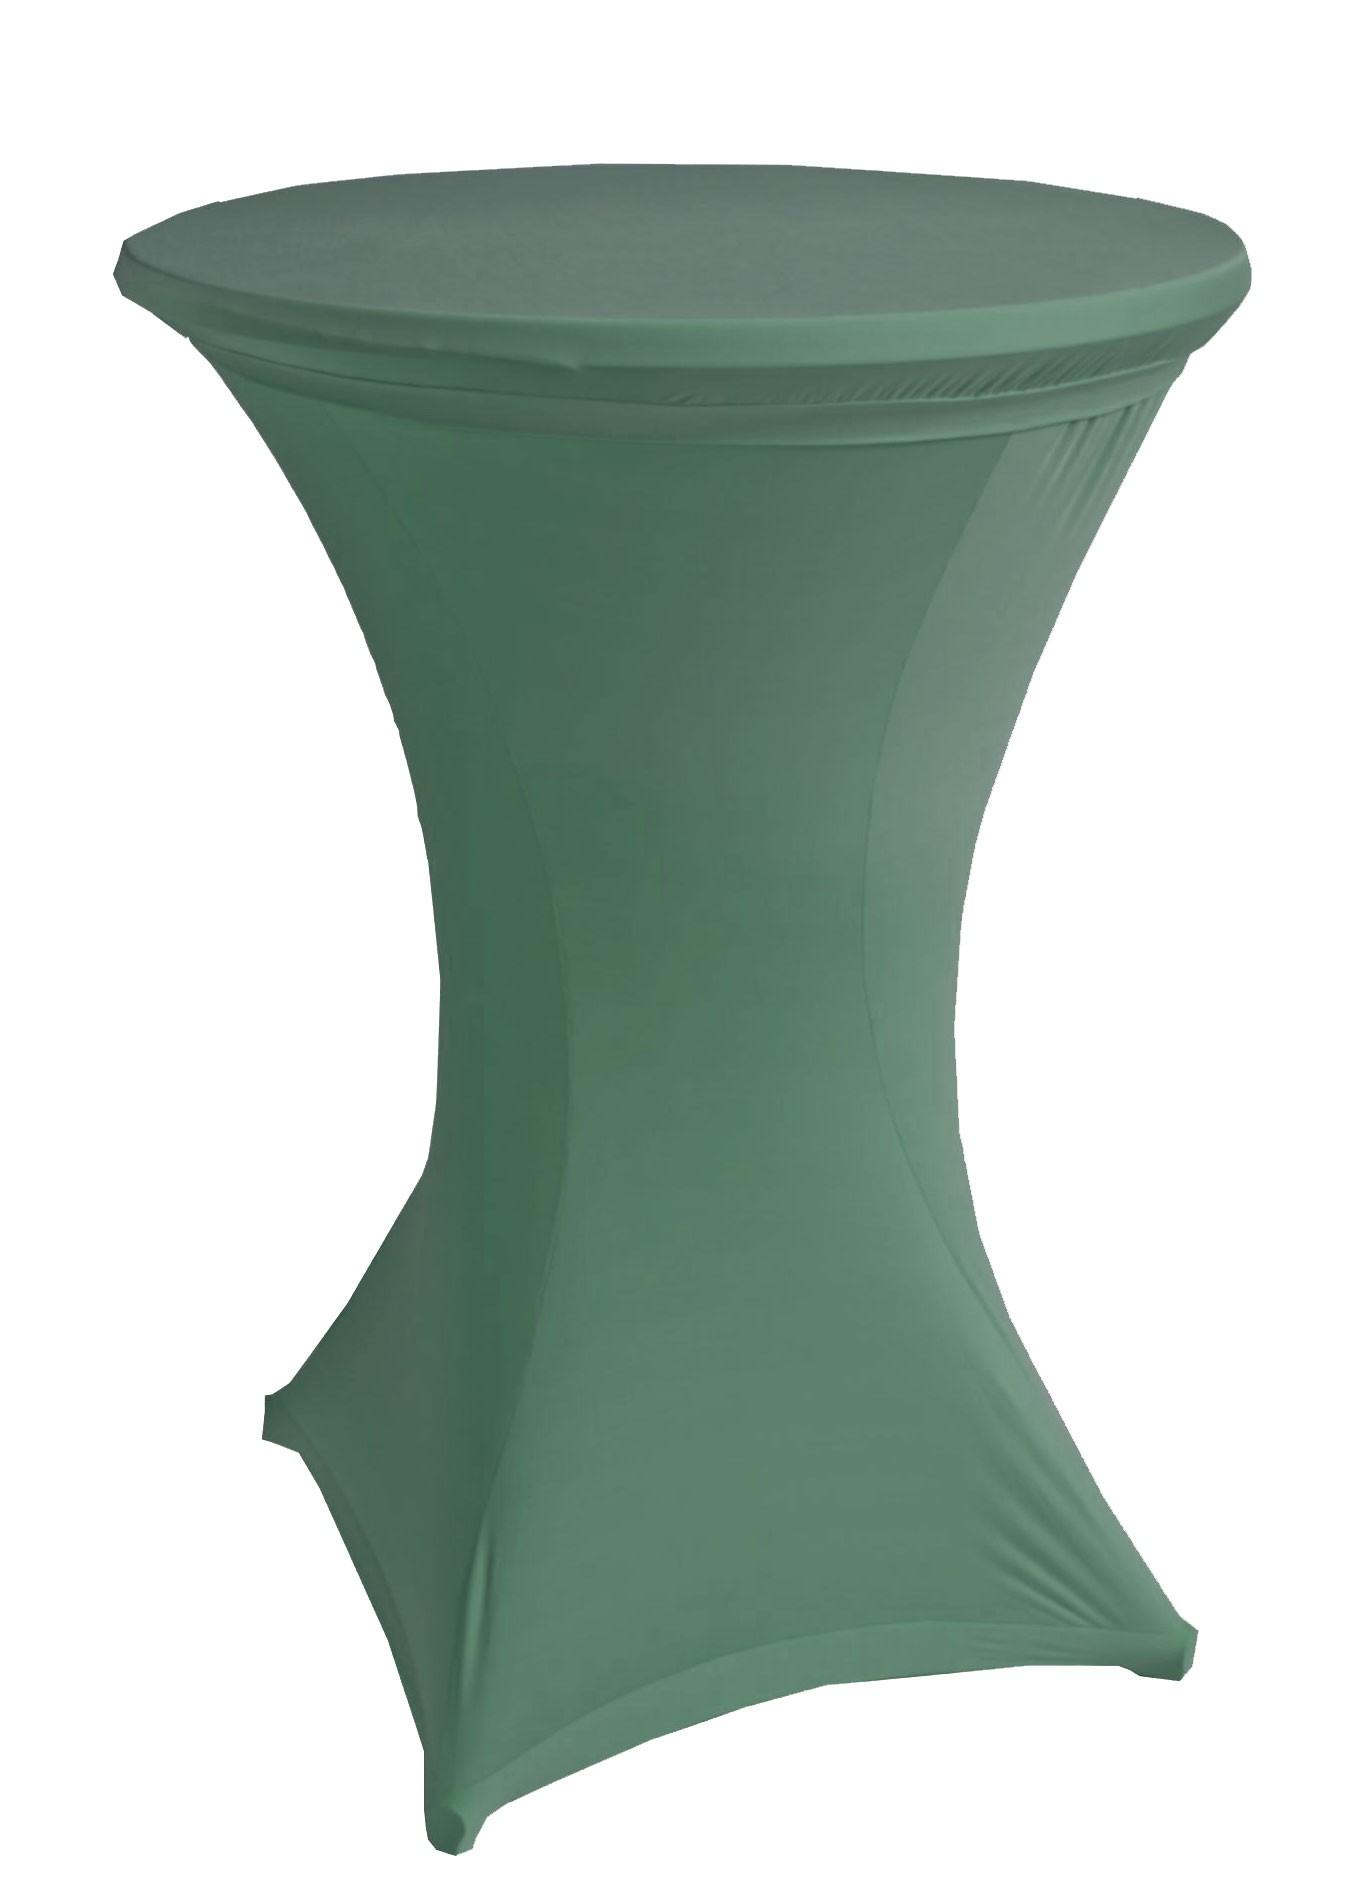 Stehtischhussen beo Ø90cm Stretch dunkel grün PY00 9 Bild 1